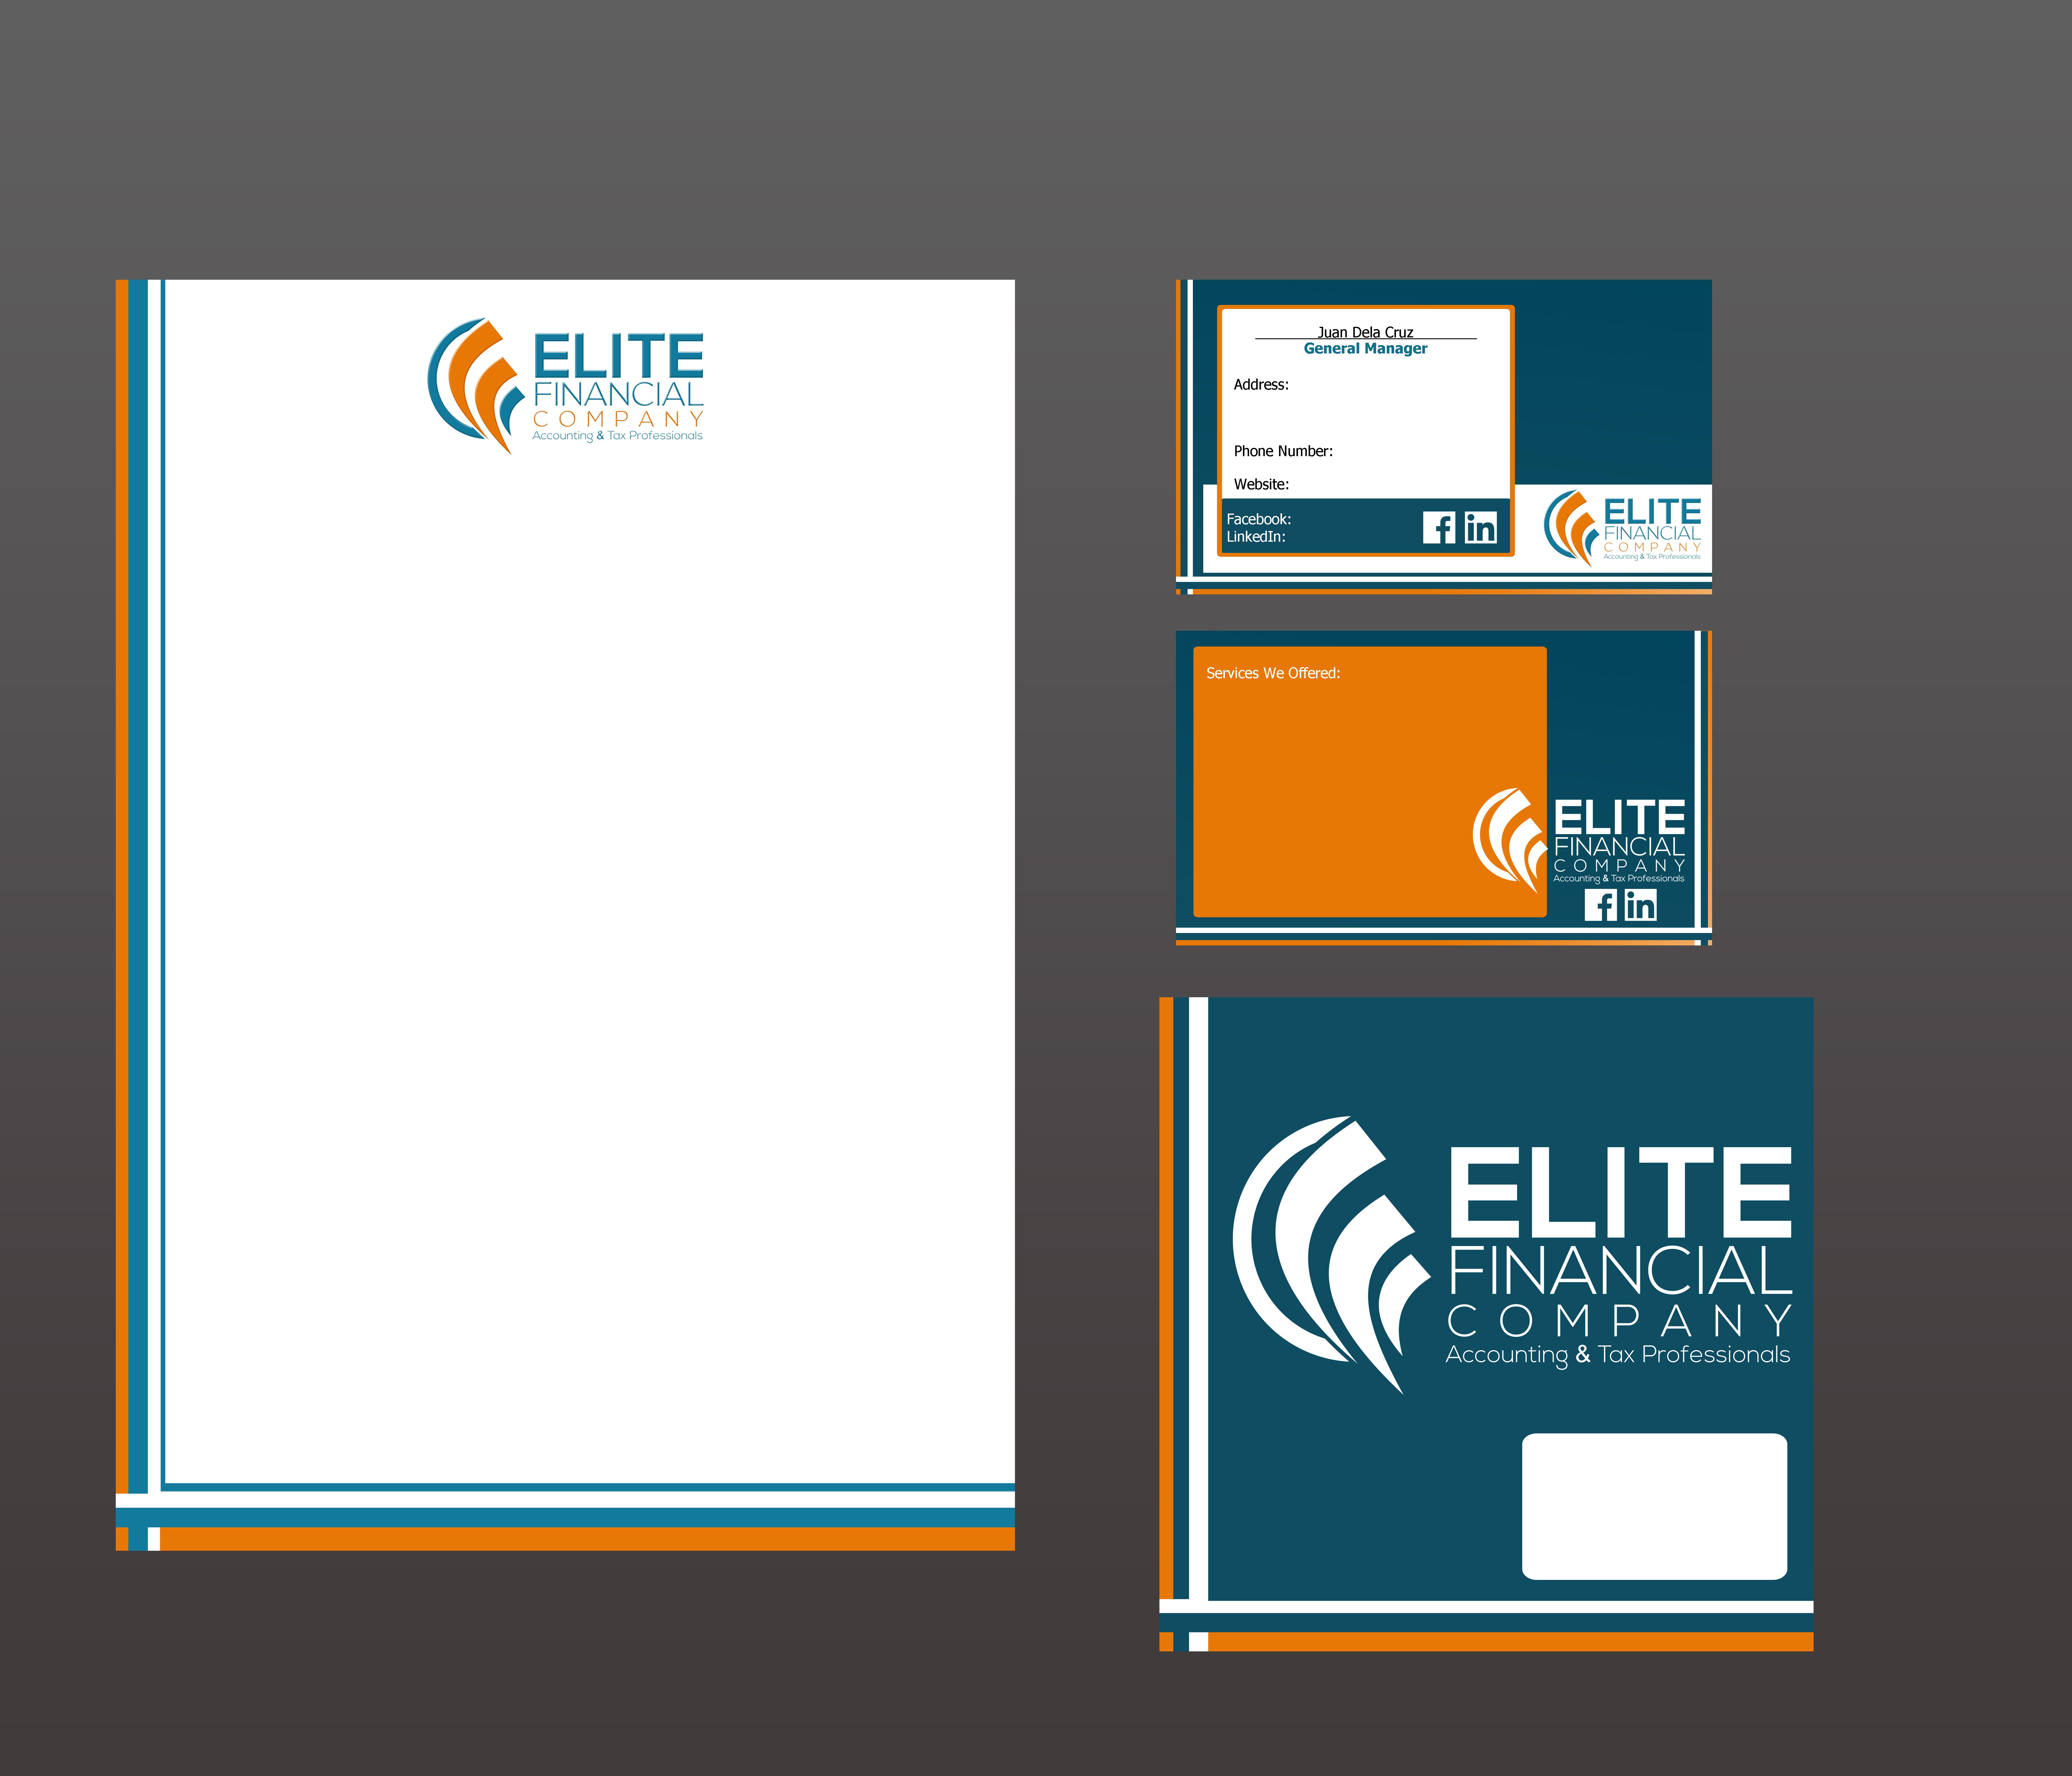 Business card design contests imaginative business card design for business card design by michael joseph perpetua entry no 19 in the business card colourmoves